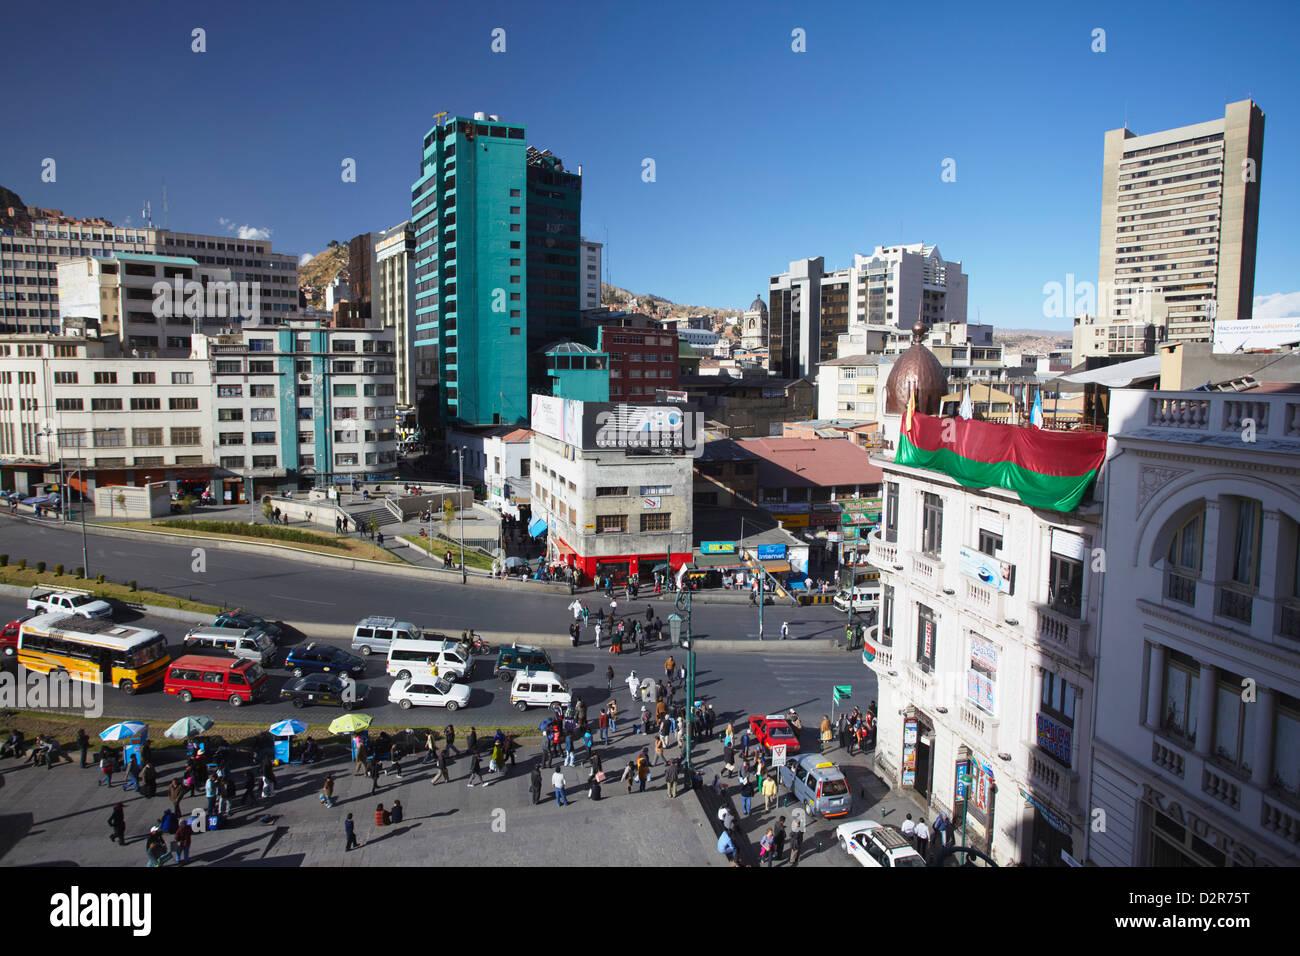 View of Mariscal Santa Cruz Avenue, La Paz, Bolivia, South America - Stock Image